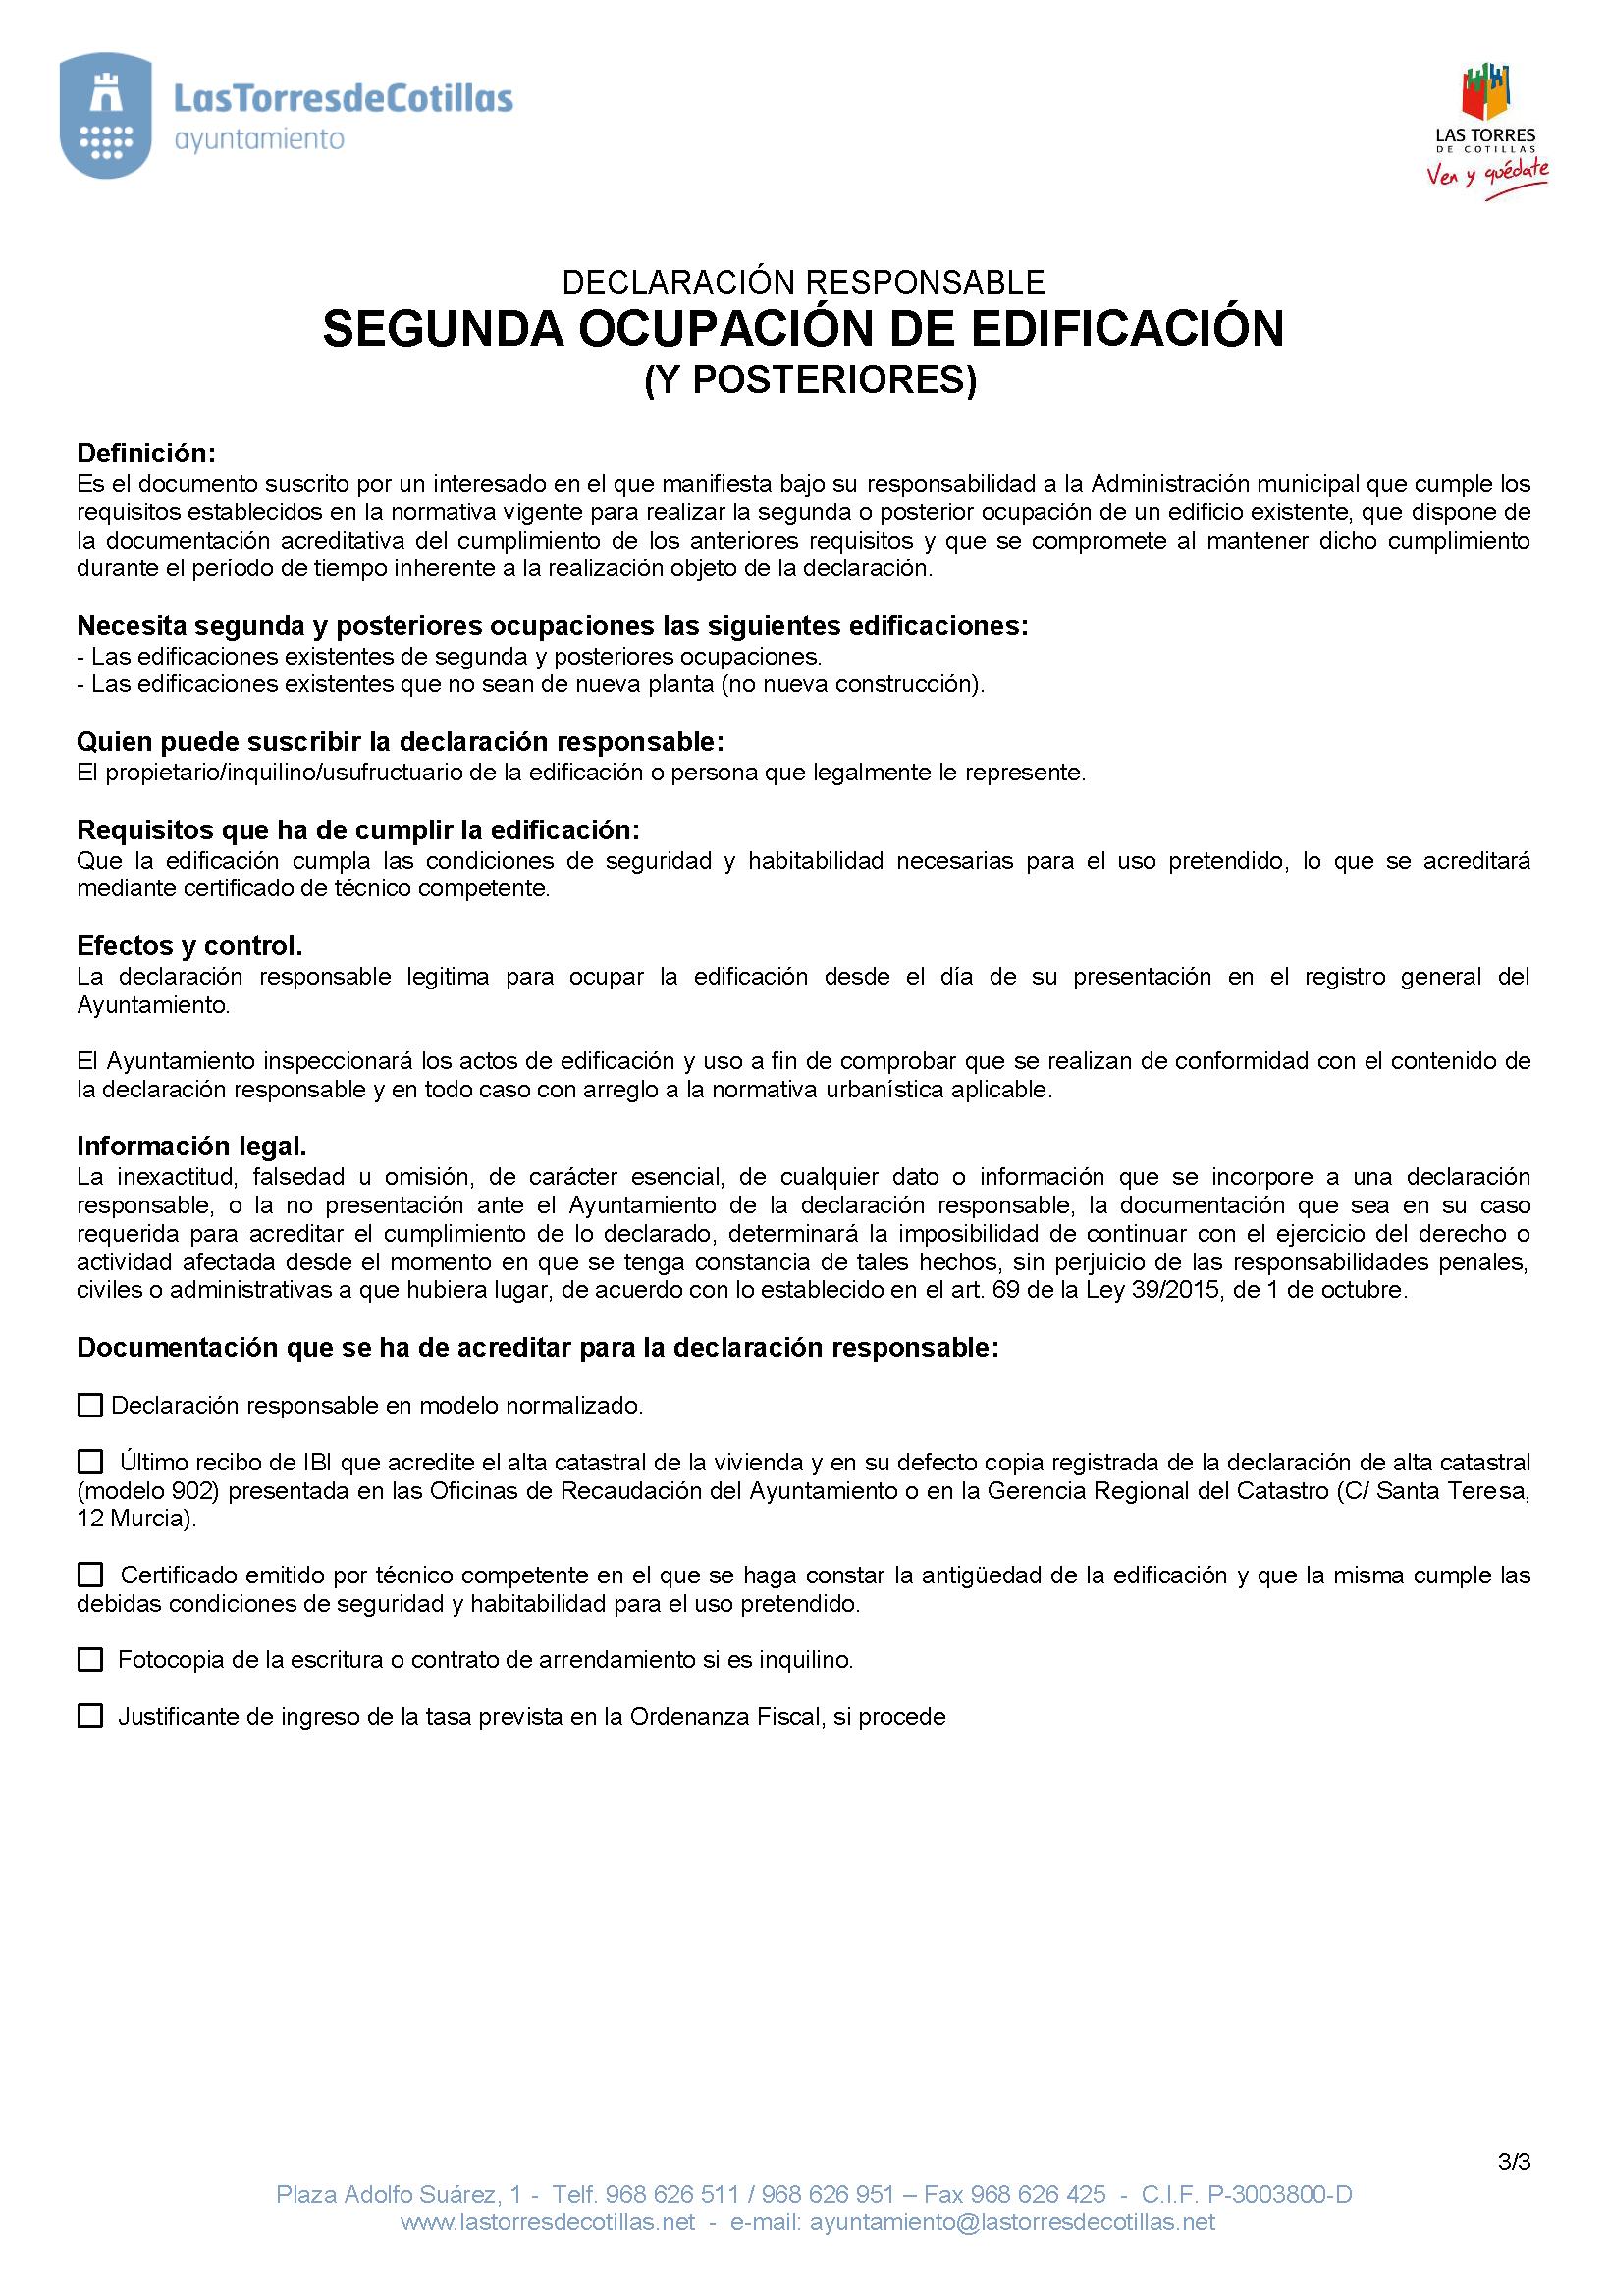 Impreso Declaración Responsable Segunda Ocupacion Las Torres de Cotillas_Página_3